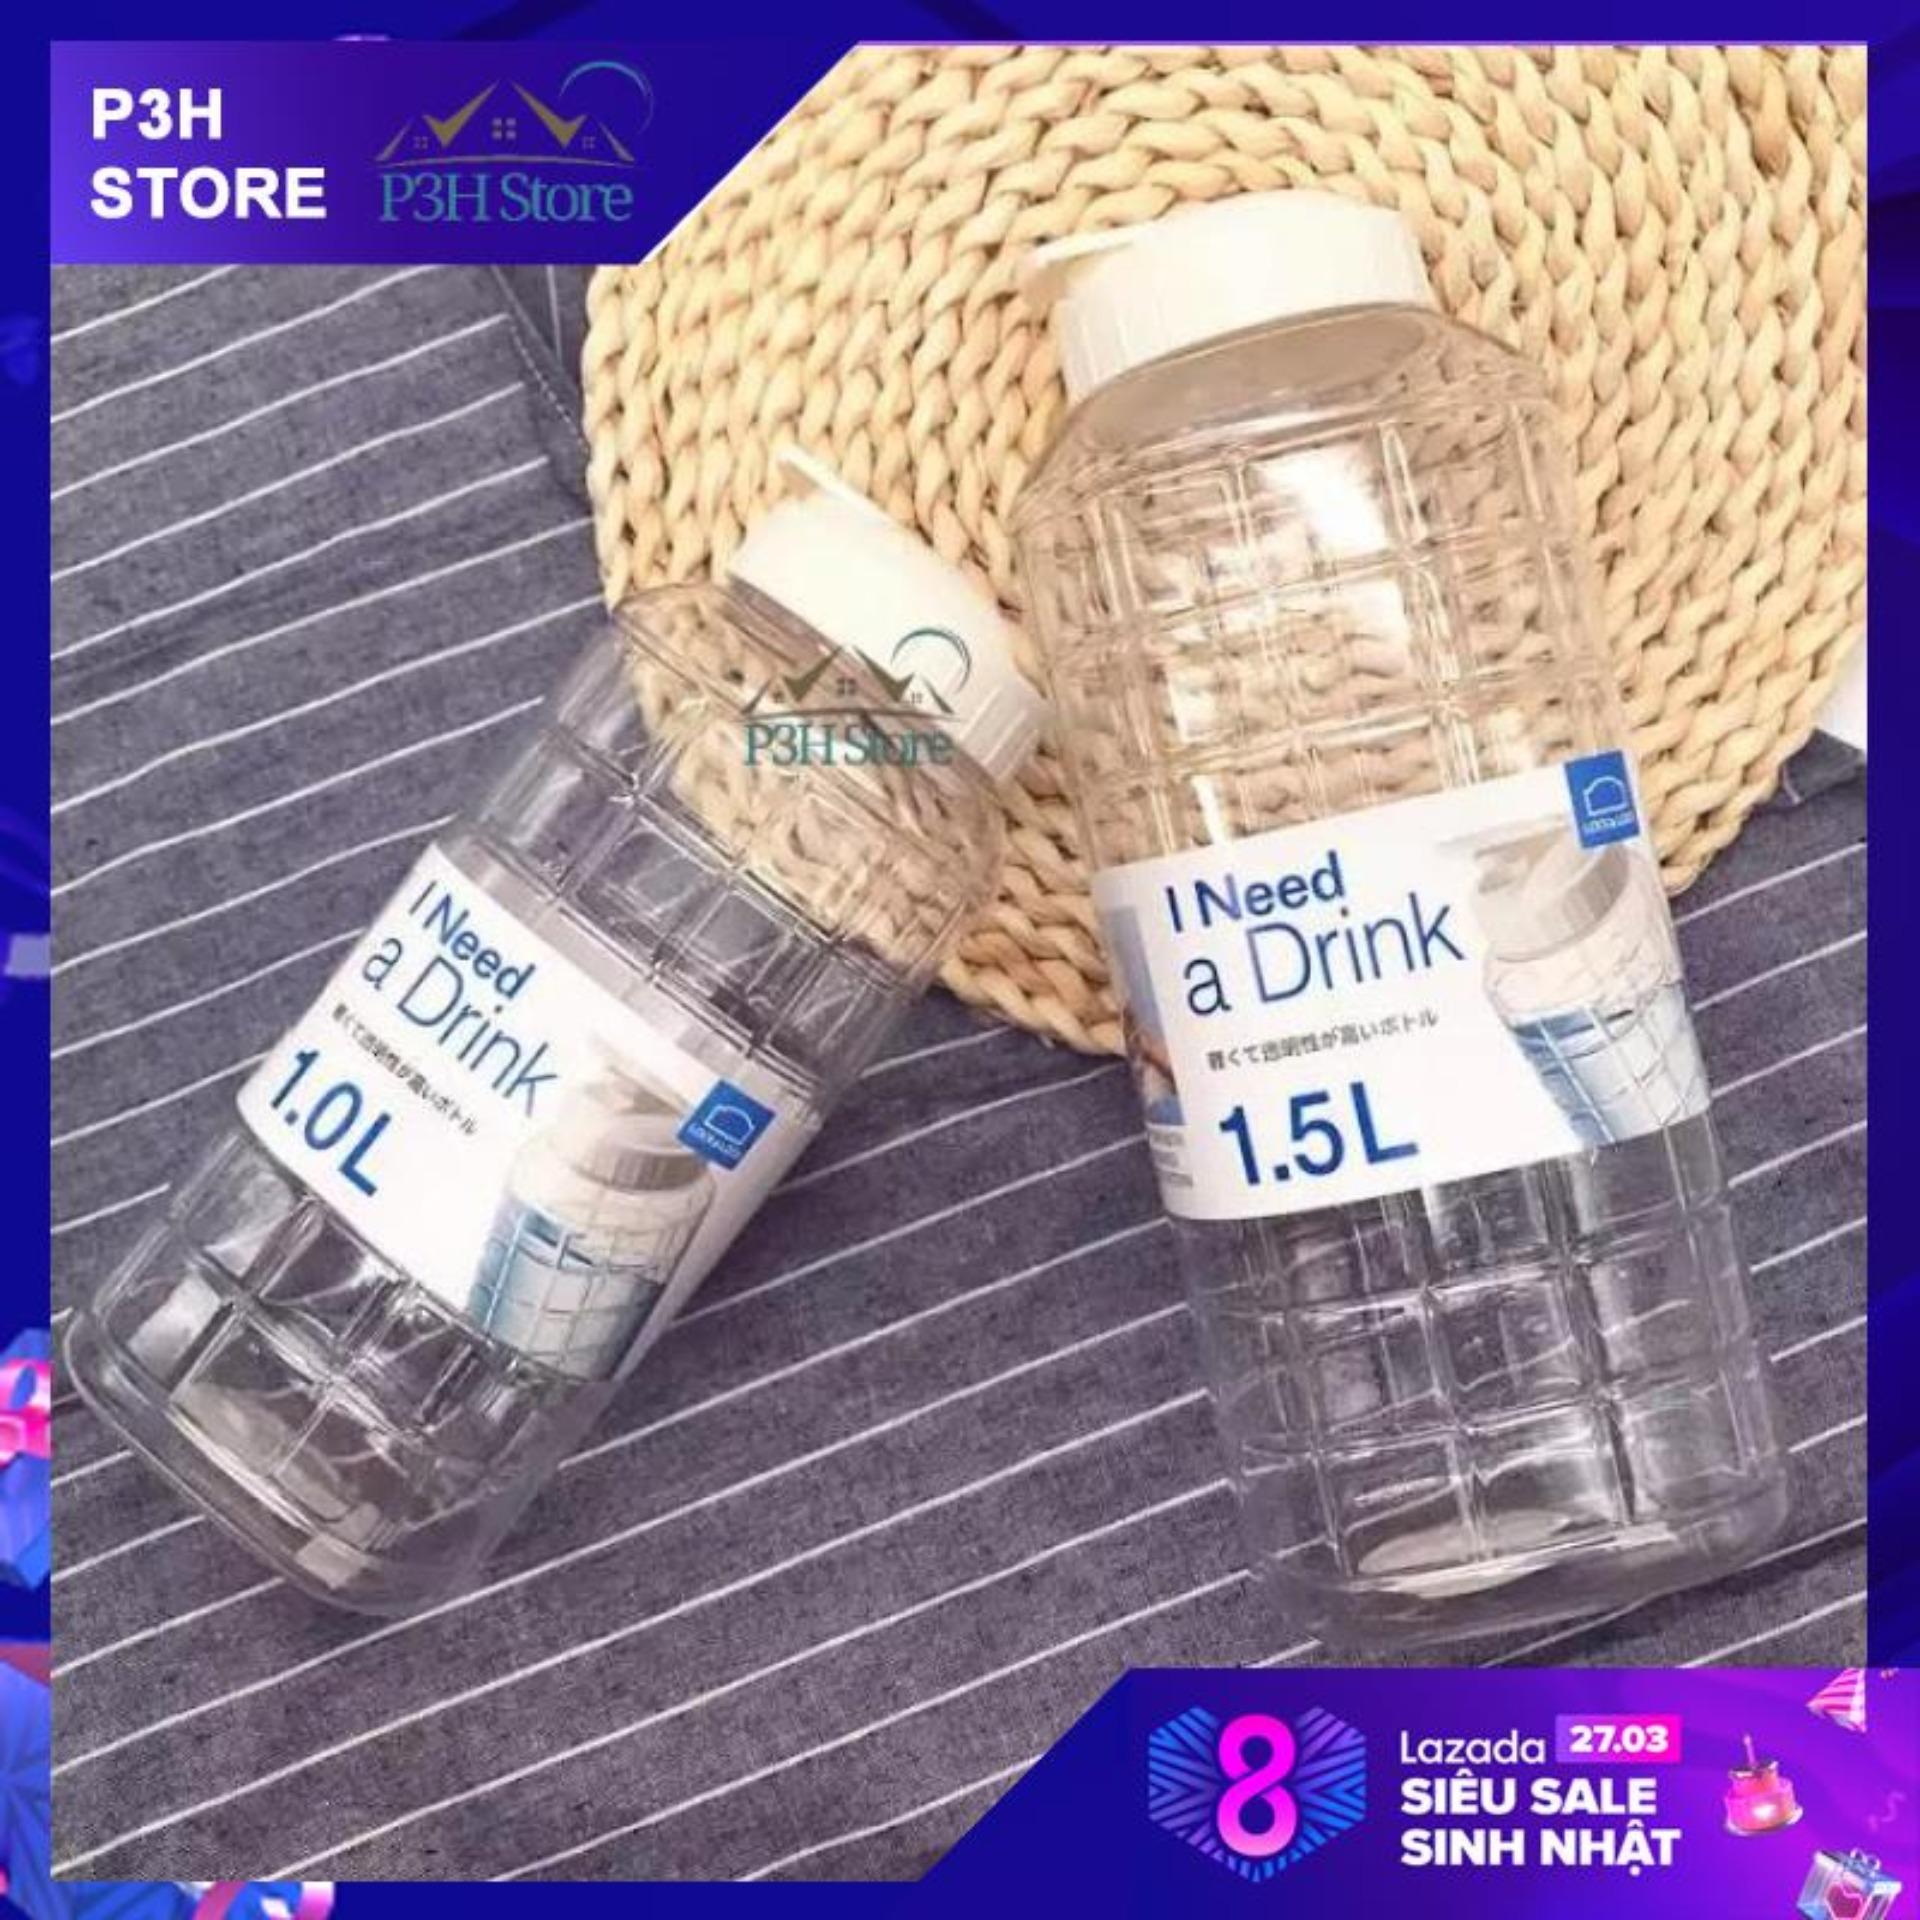 Bình nhựa đựng nước Lock&Lock Chess Water Bottle màu trắng dung tích 1L/1.5L